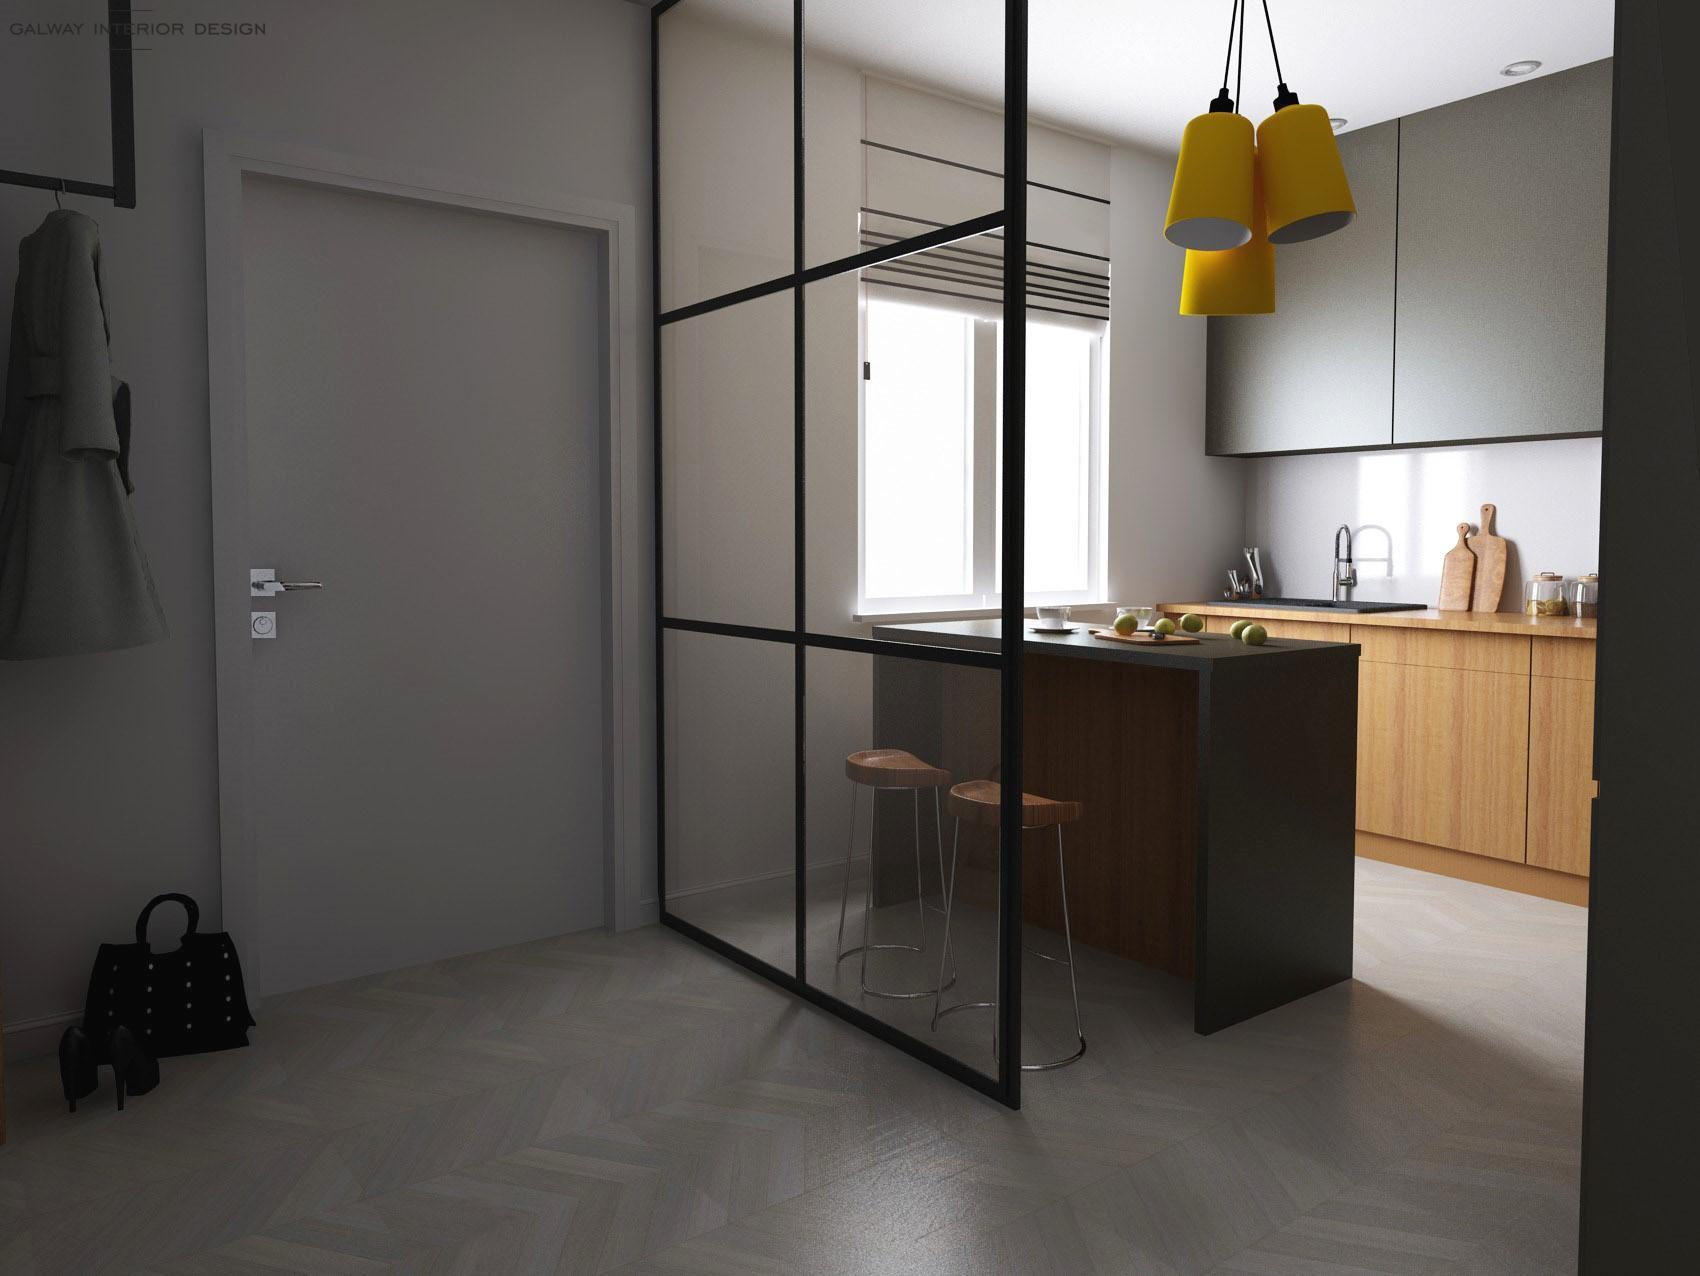 Galway Interior Design - Kitchen 3D